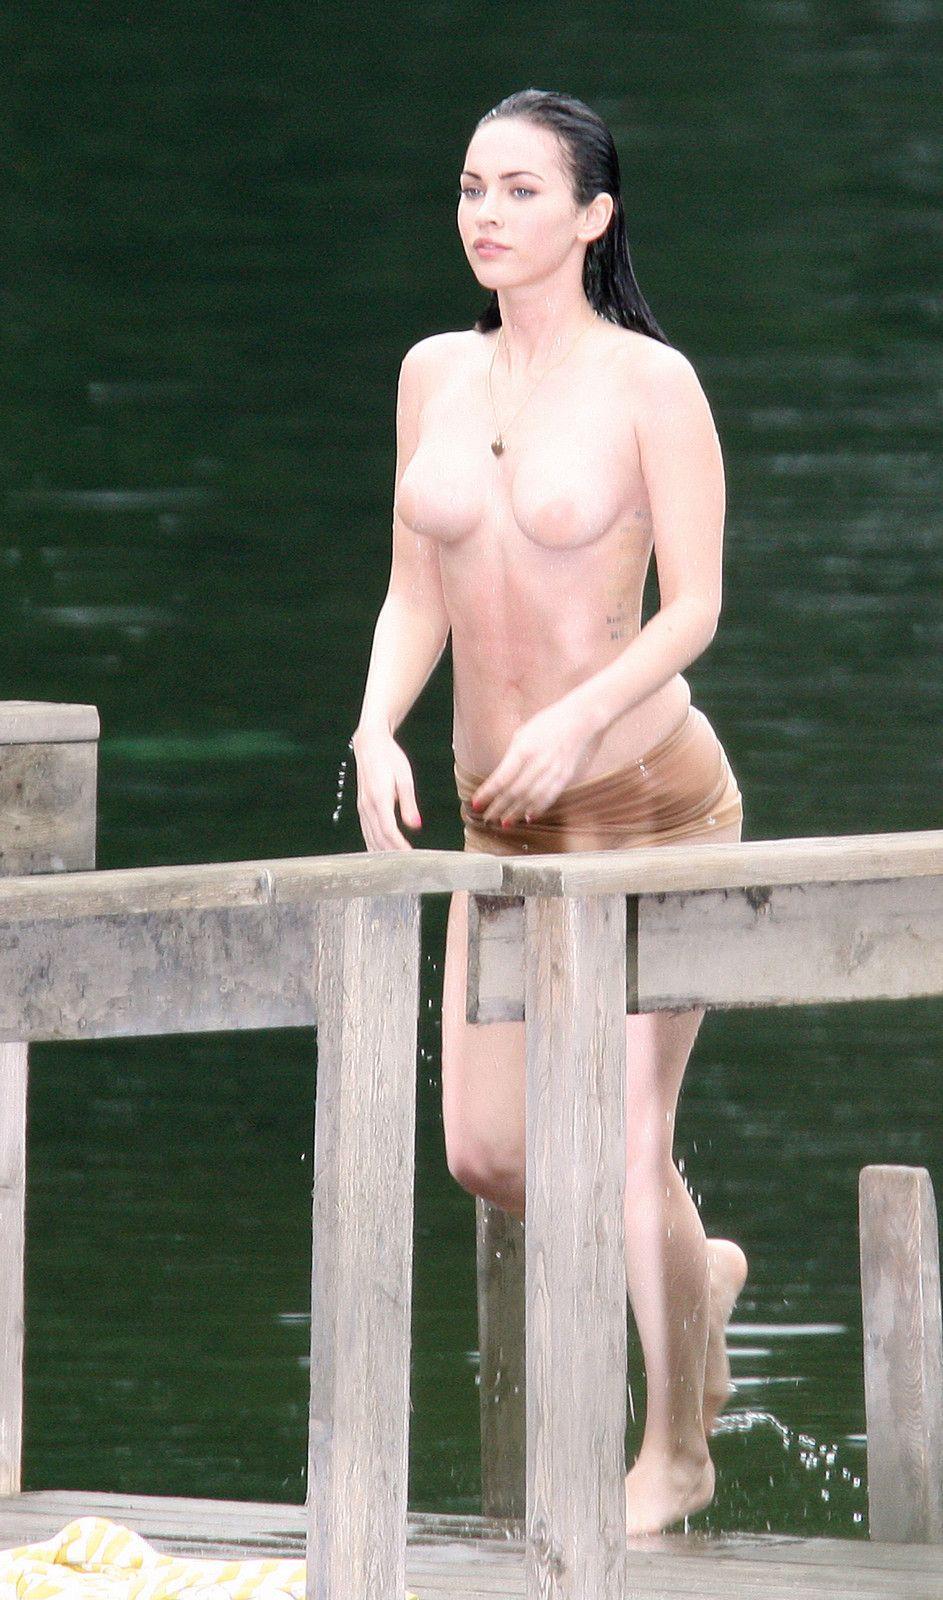 Megan fox hot photos erotic photos of celebrities and sexy actresses